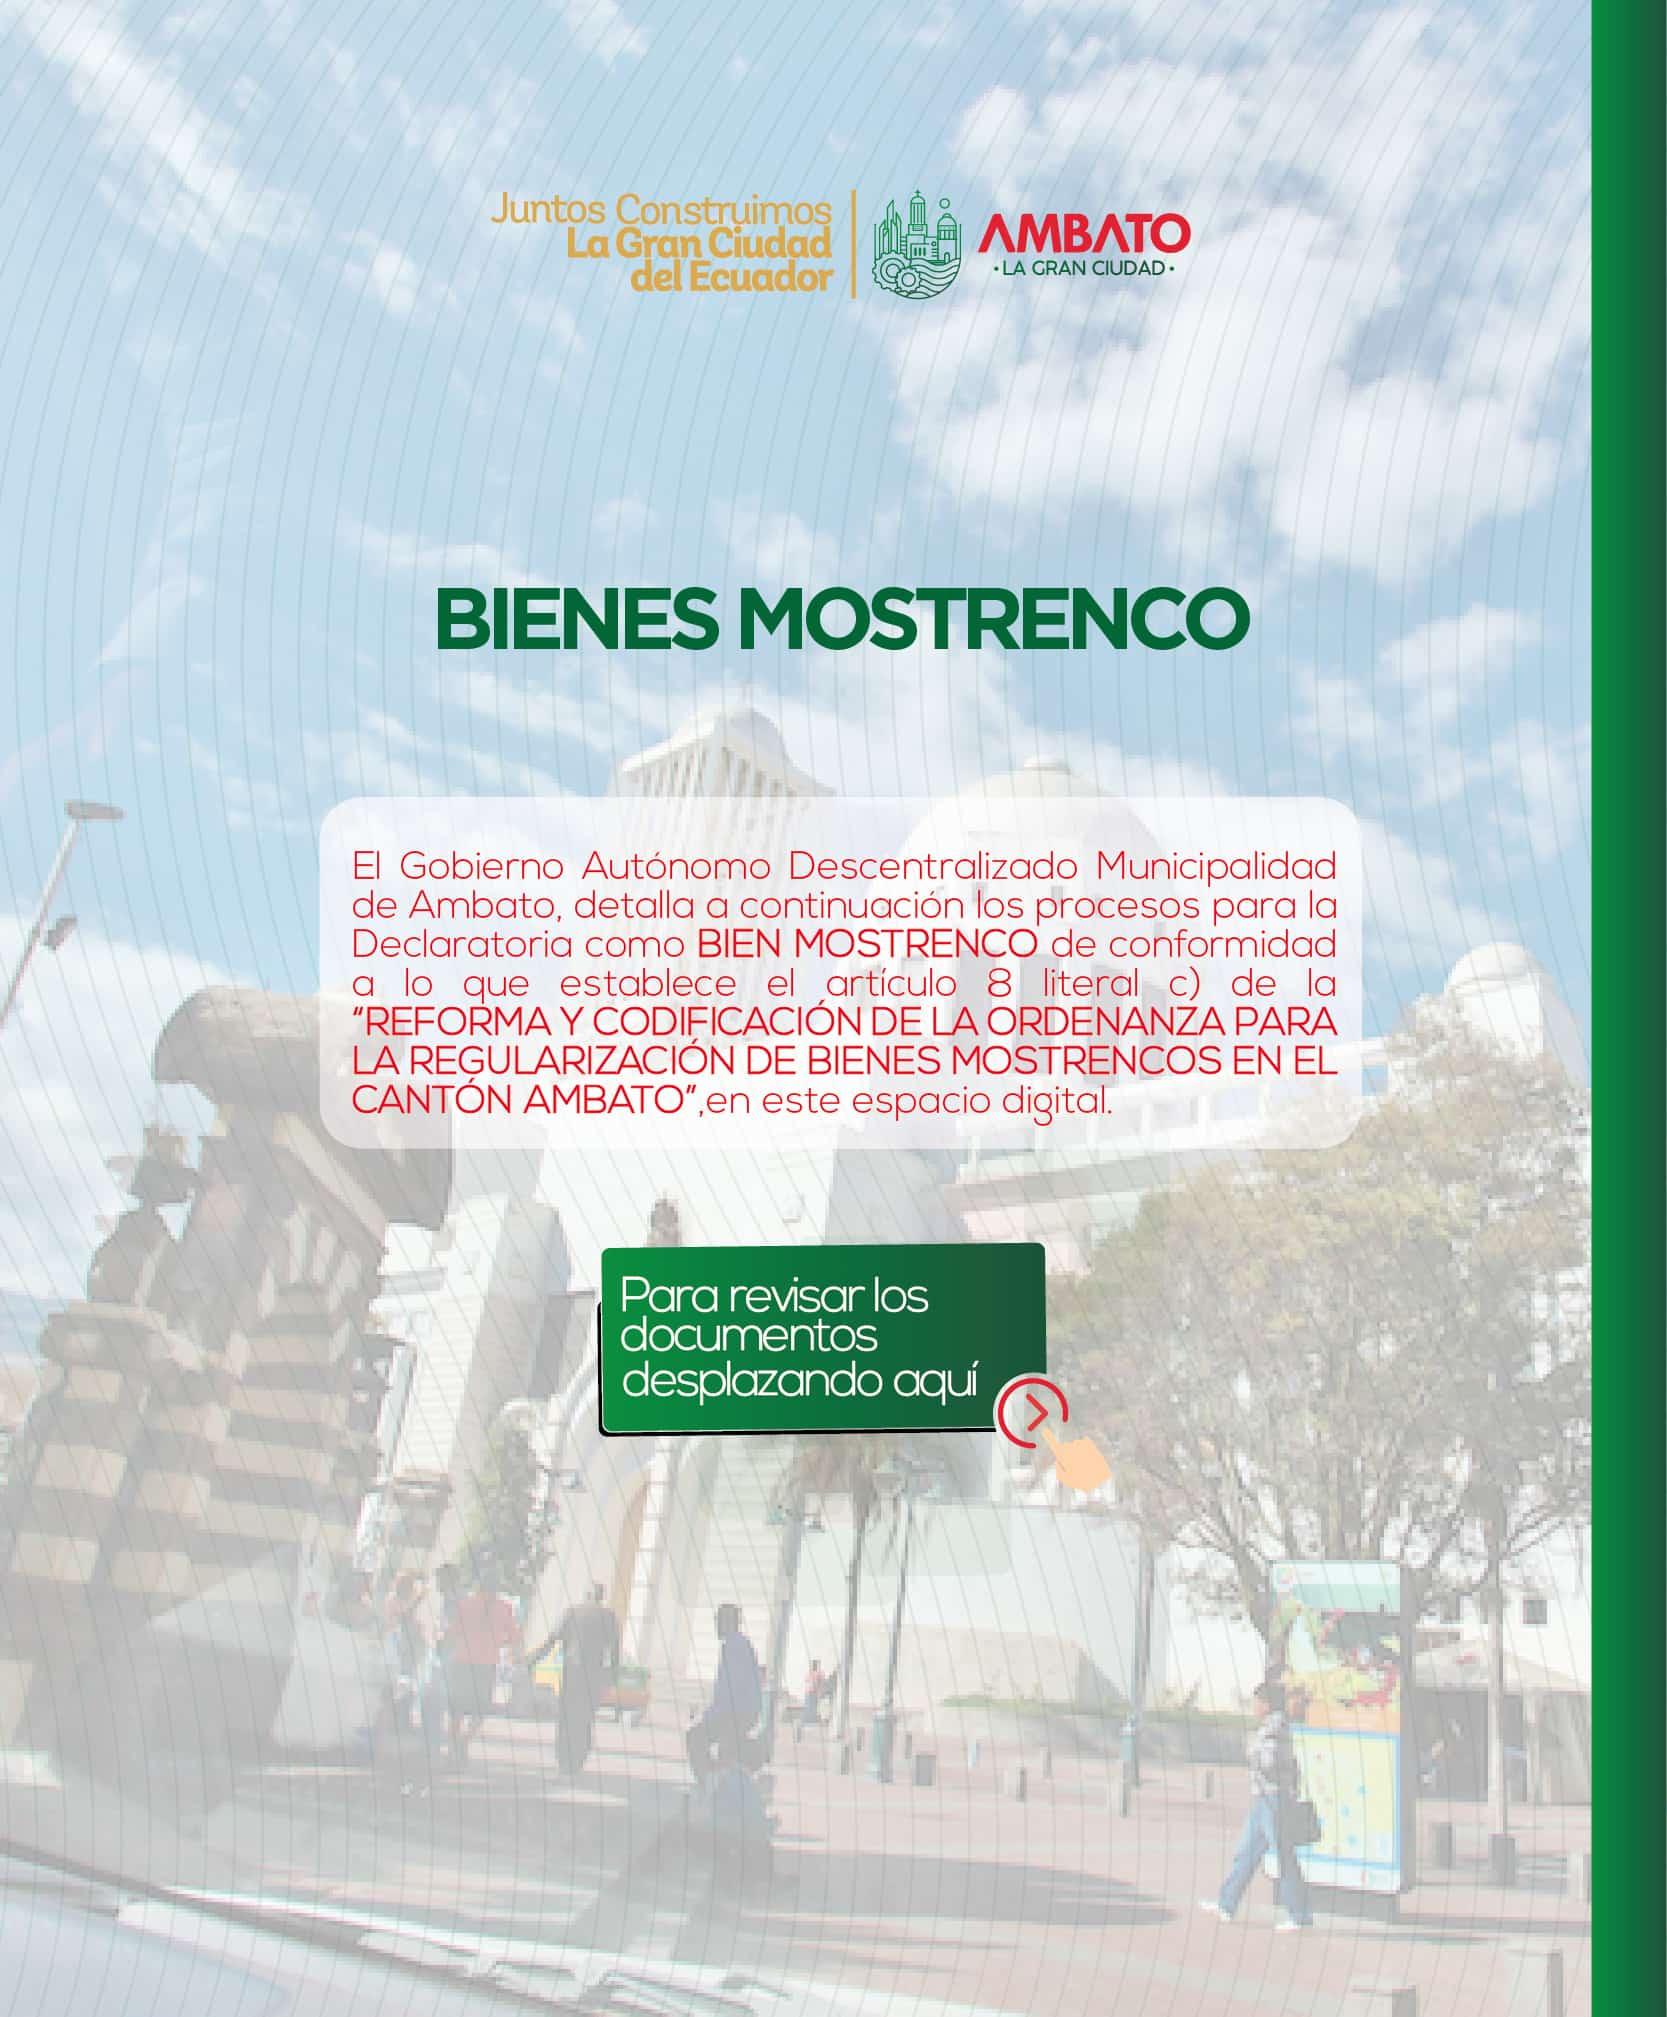 Bienes Mostrencos-03-min